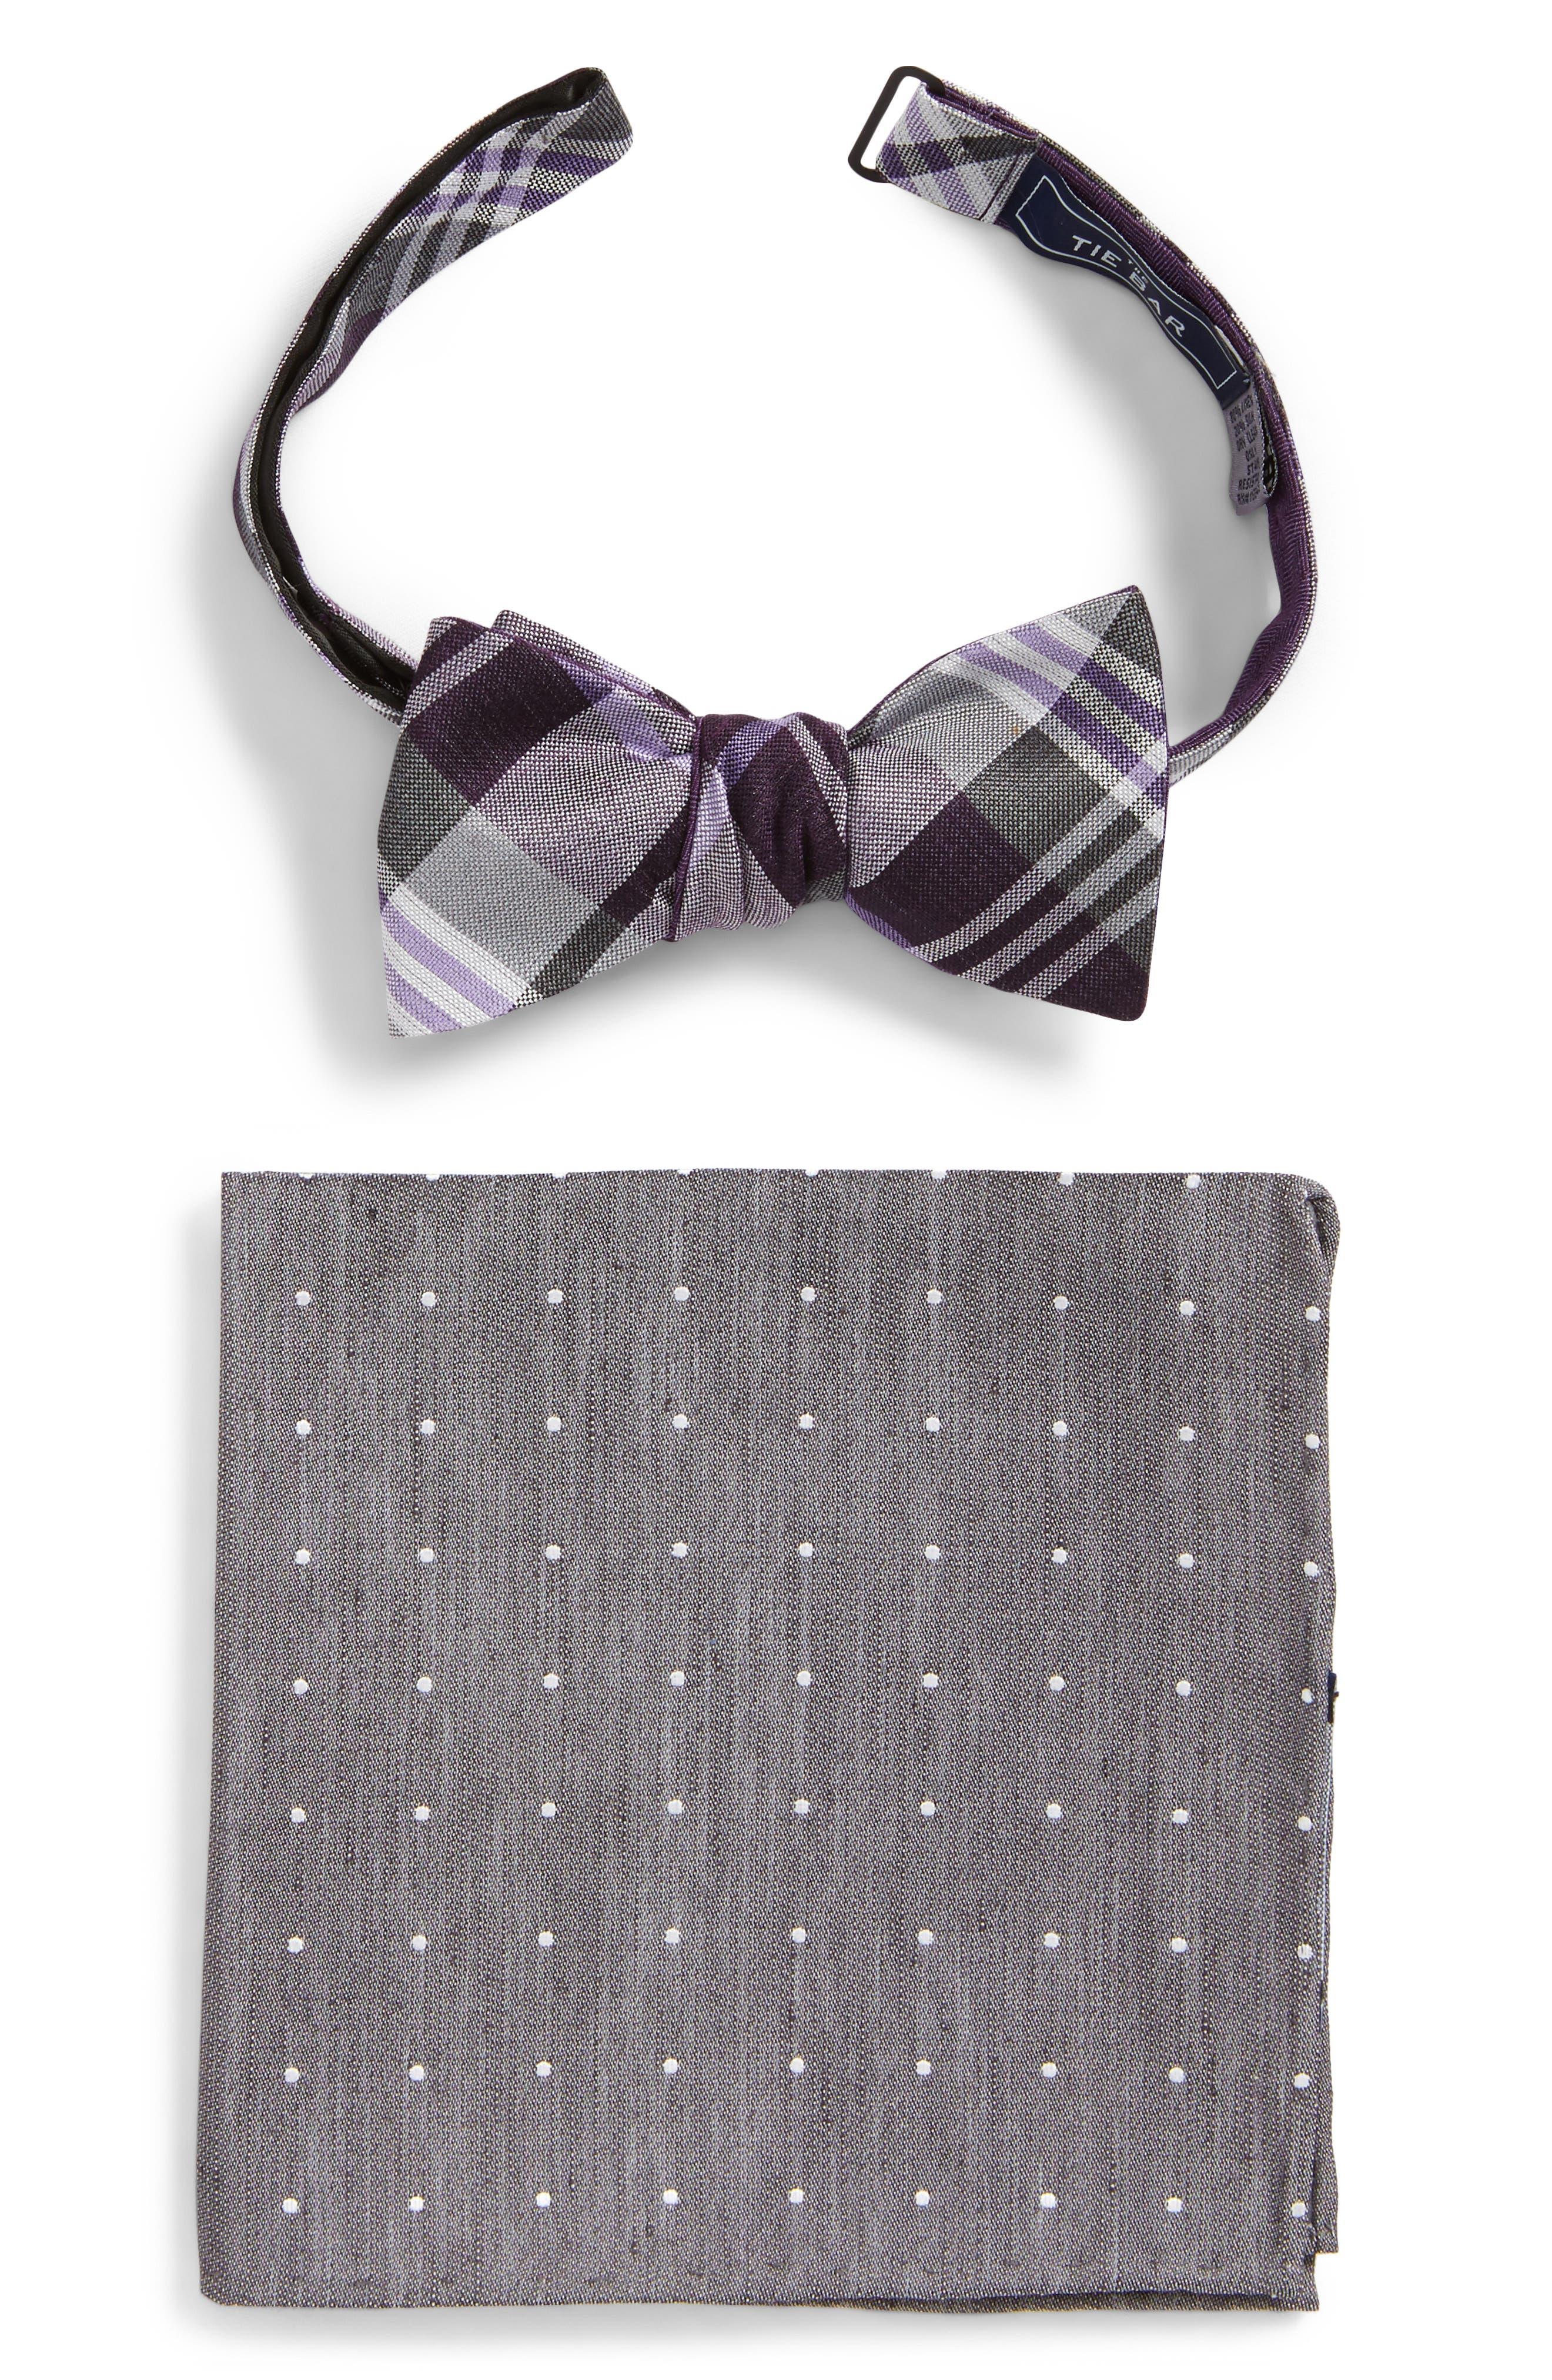 Crystal Wave Bow Tie & Pocket Square Box Set,                             Main thumbnail 1, color,                             501